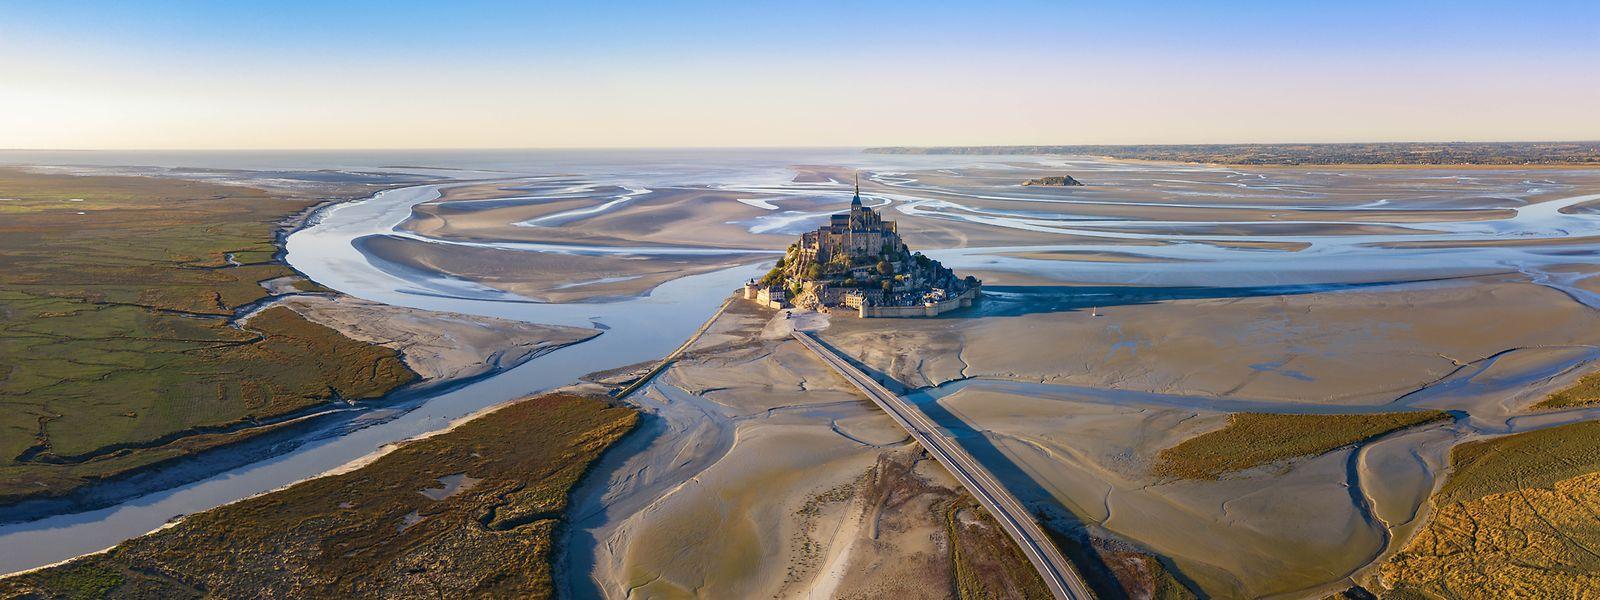 Der Mont Saint-Michel, das Wahrzeichen der Normandie, drohte zu versanden. Nach einer Sanierung wird er nun wieder komplett vom Wasser umspült.